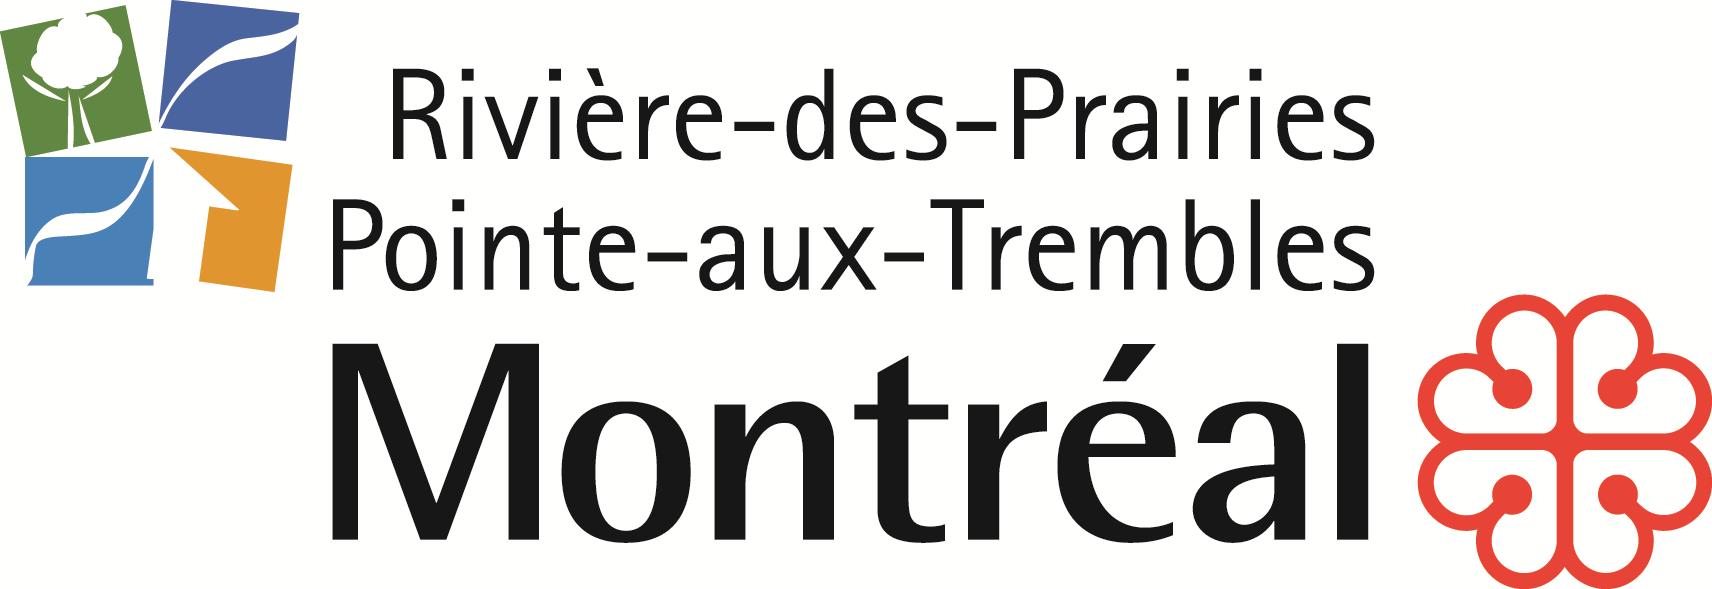 Arrondissement de Rivière-des-Prairies−Pointe-aux-Trembles